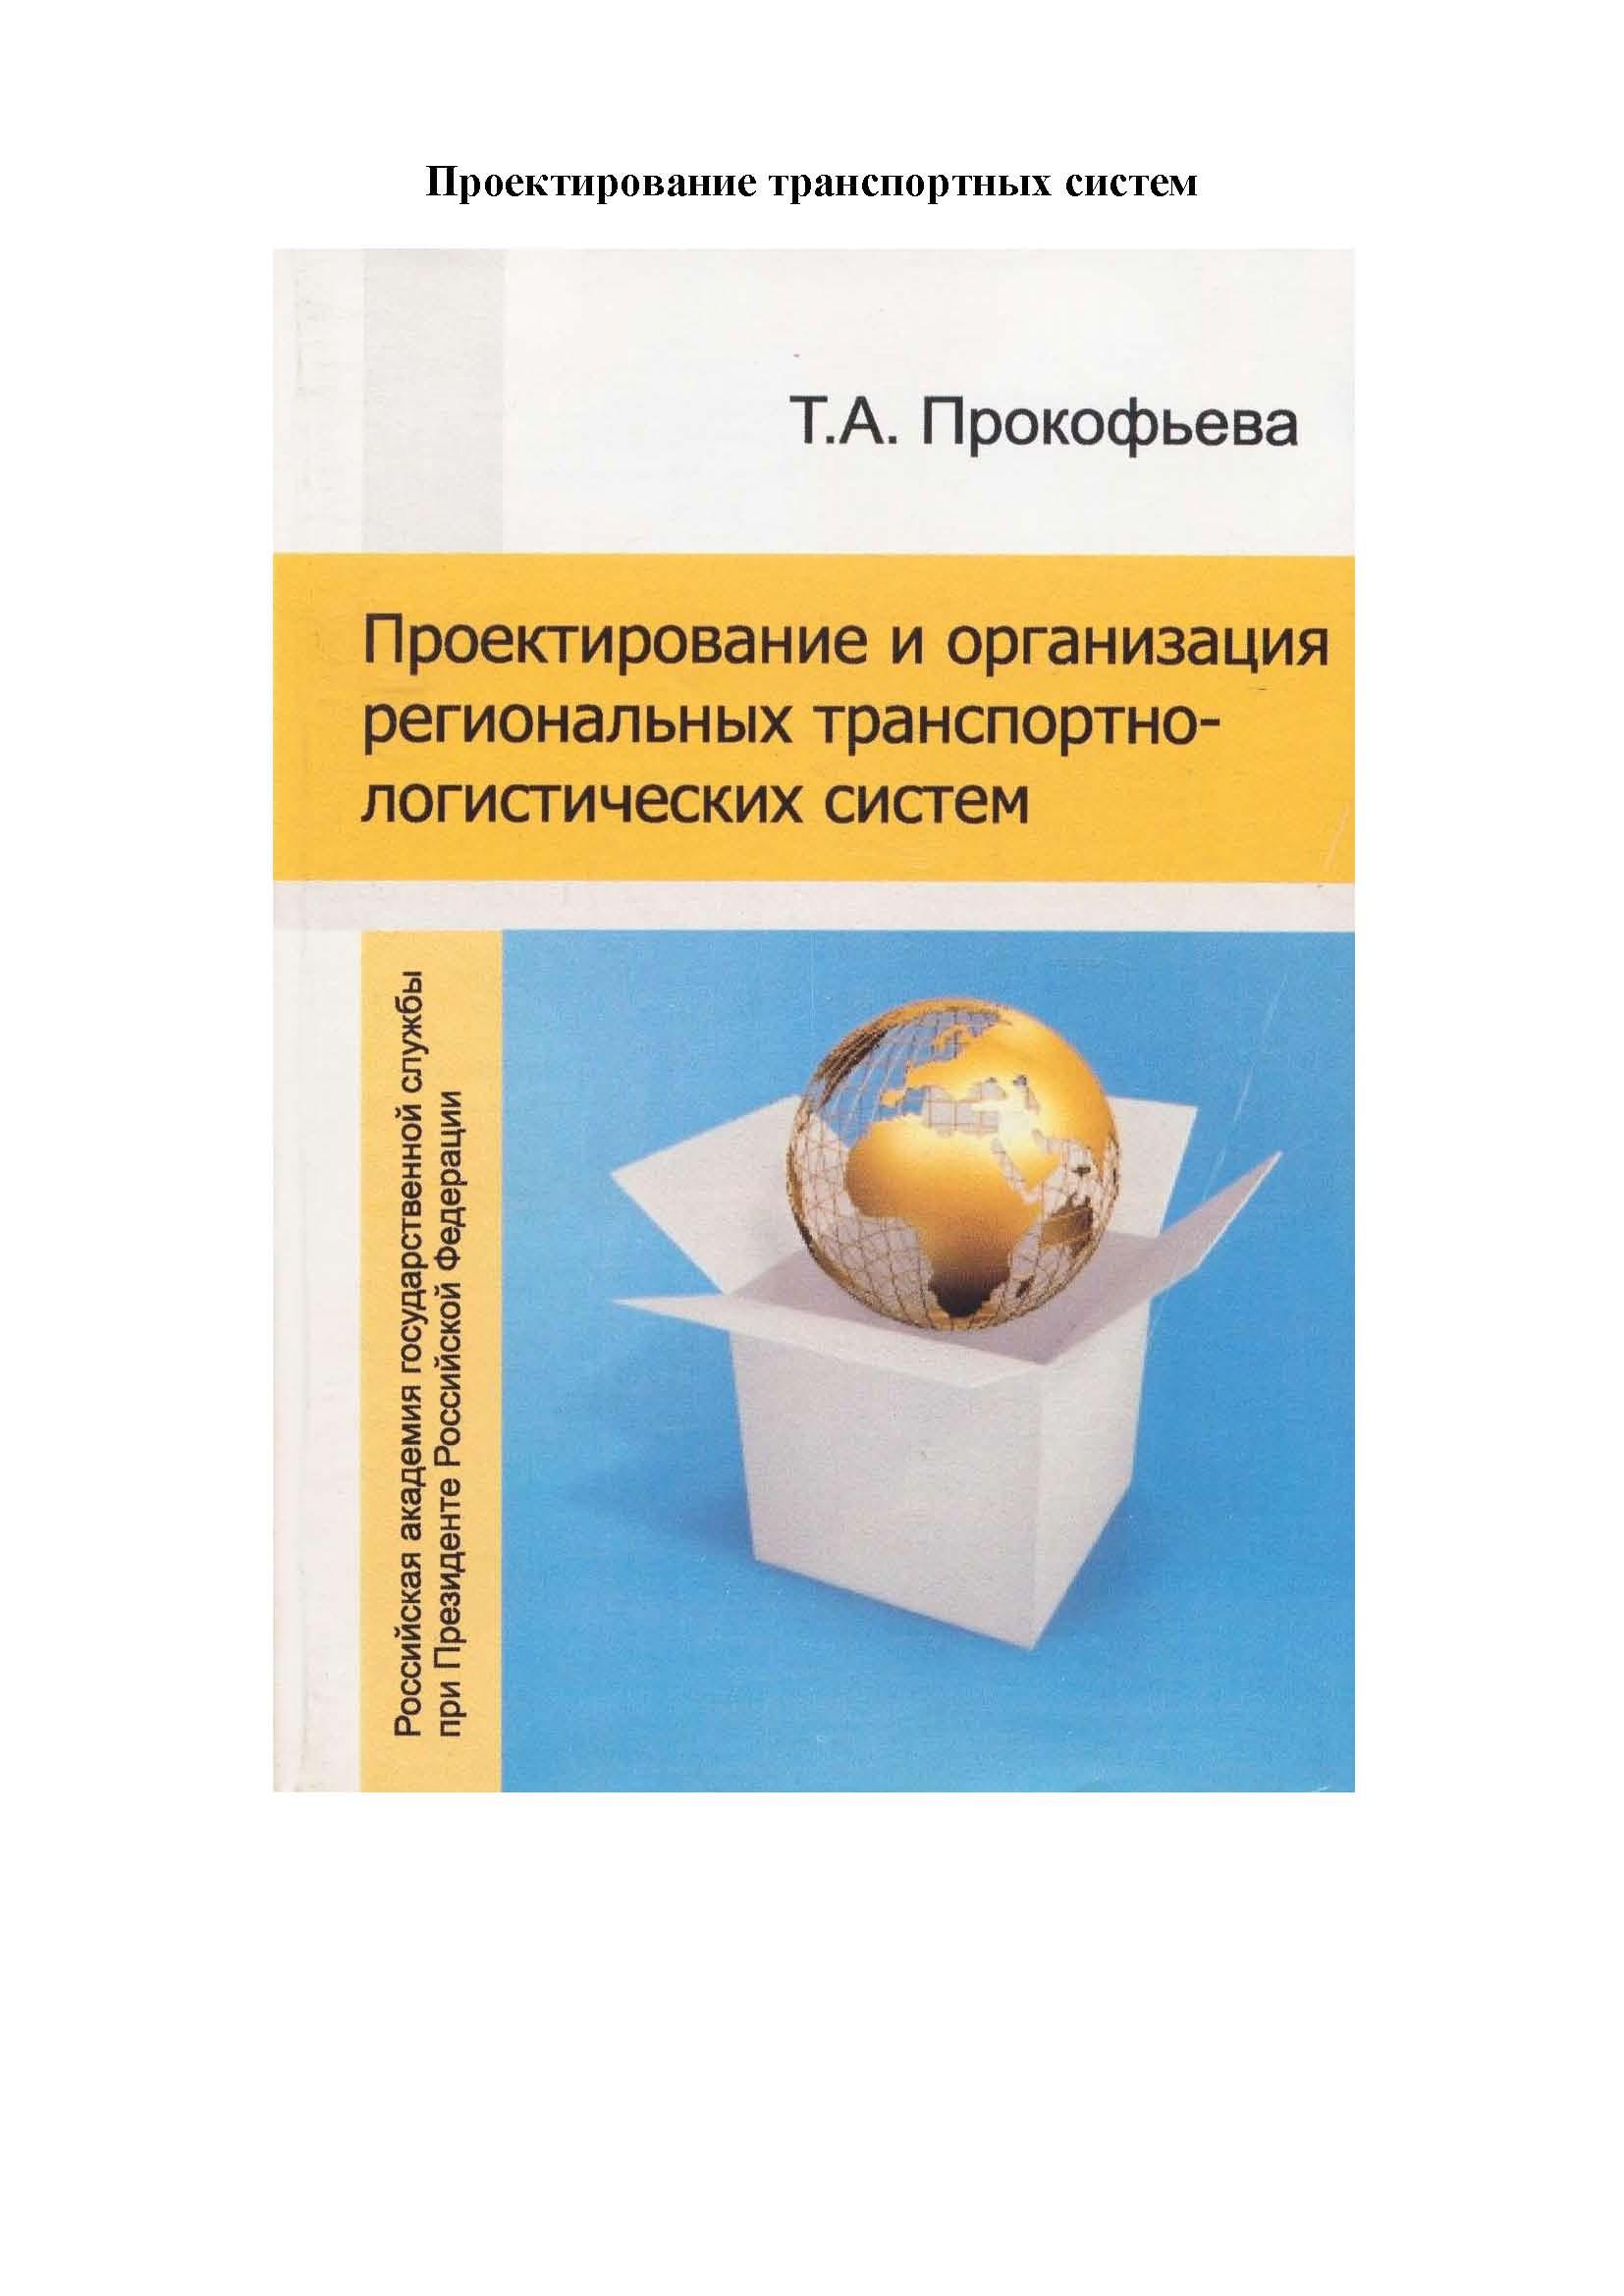 Проектирование и организация региональных транспортно-логистических систем